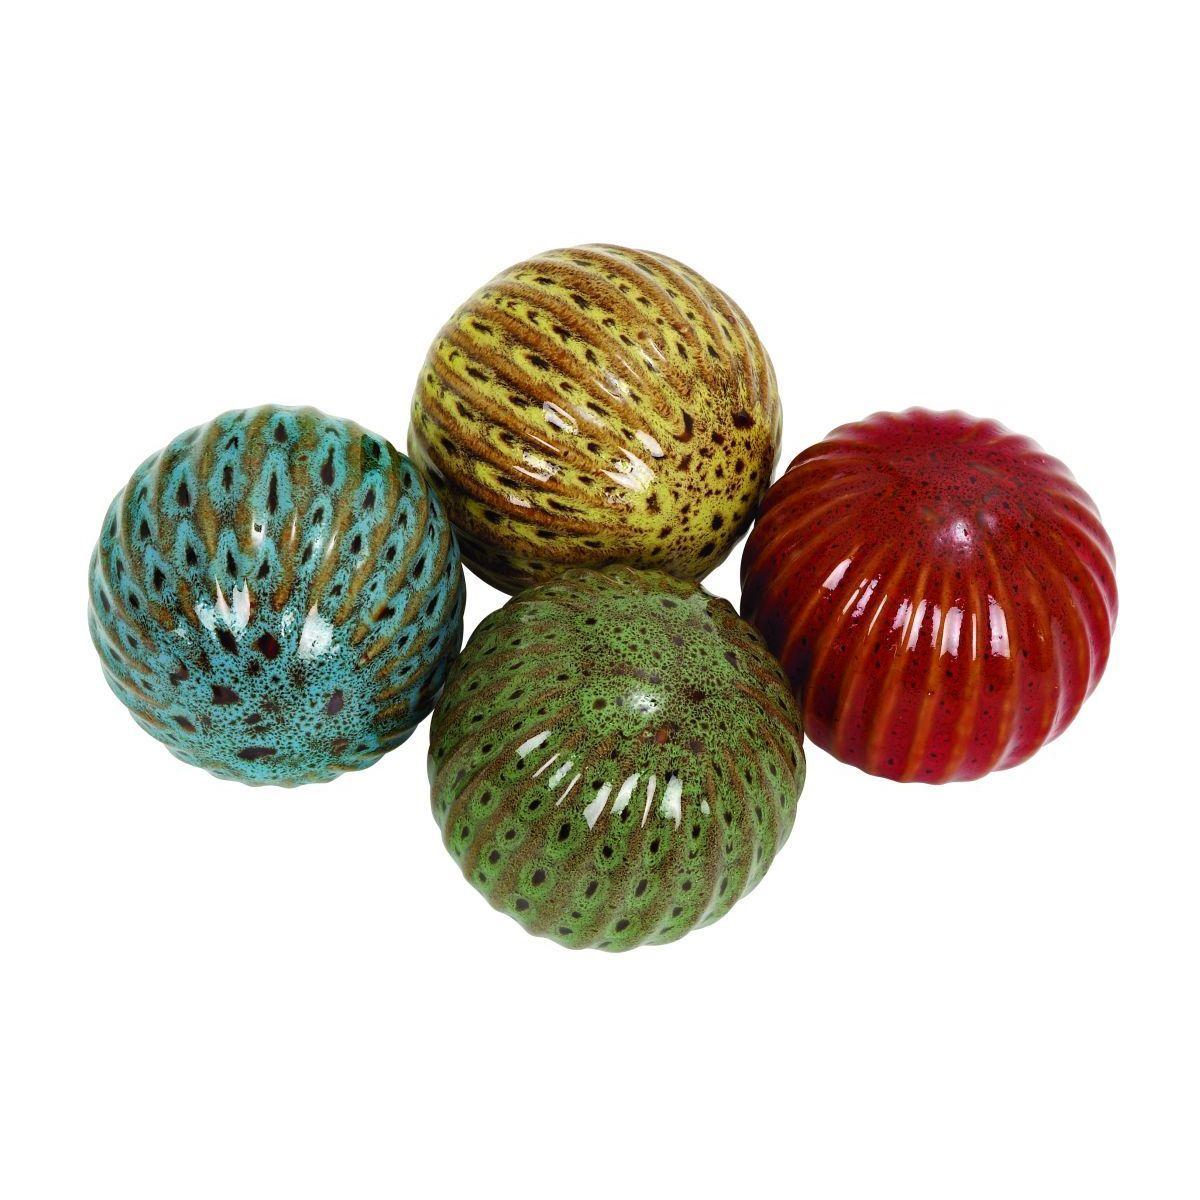 Ceramic 4-inch Decorative Balls (Set of 4)